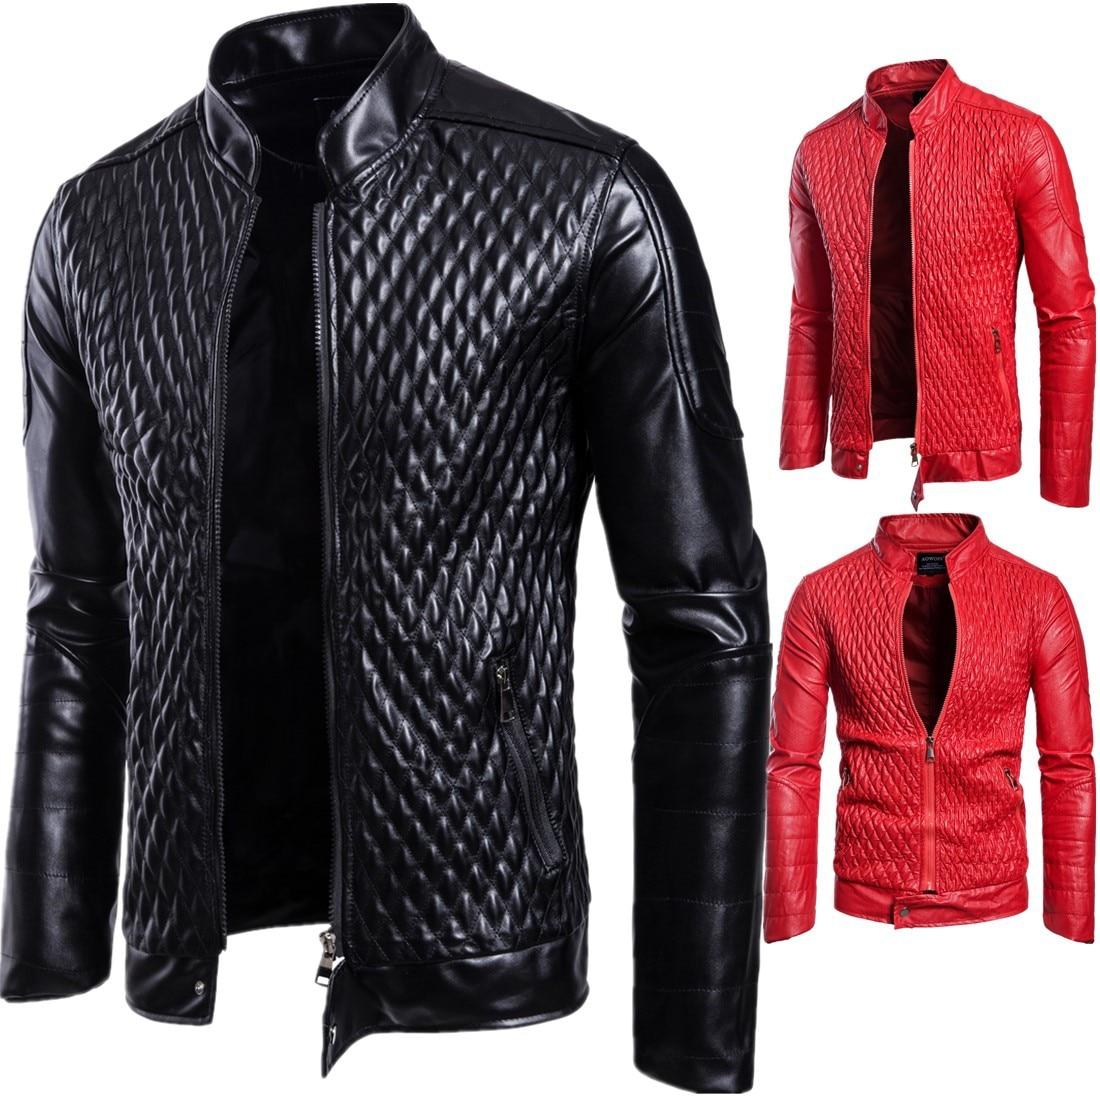 Nuevo estilo abrigo de cuero para hombre 2019 otoño nuevo estilo Europa y América Comercio exterior Ouma chaqueta de cuero de gran tamaño B026